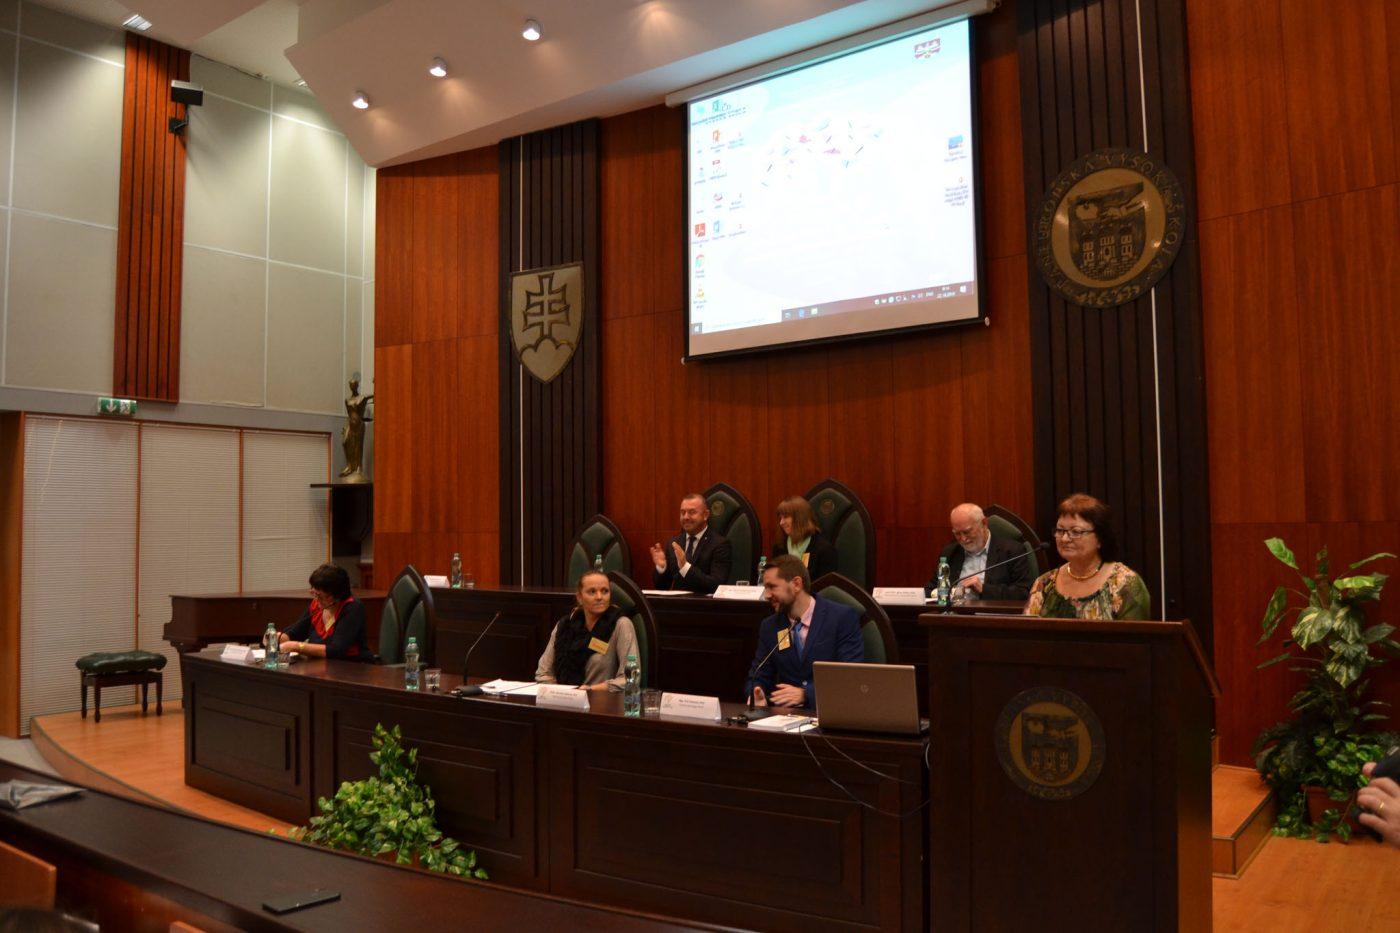 Konferencia Psychológia inkluzívnej školy - fotogaléria_ (3)